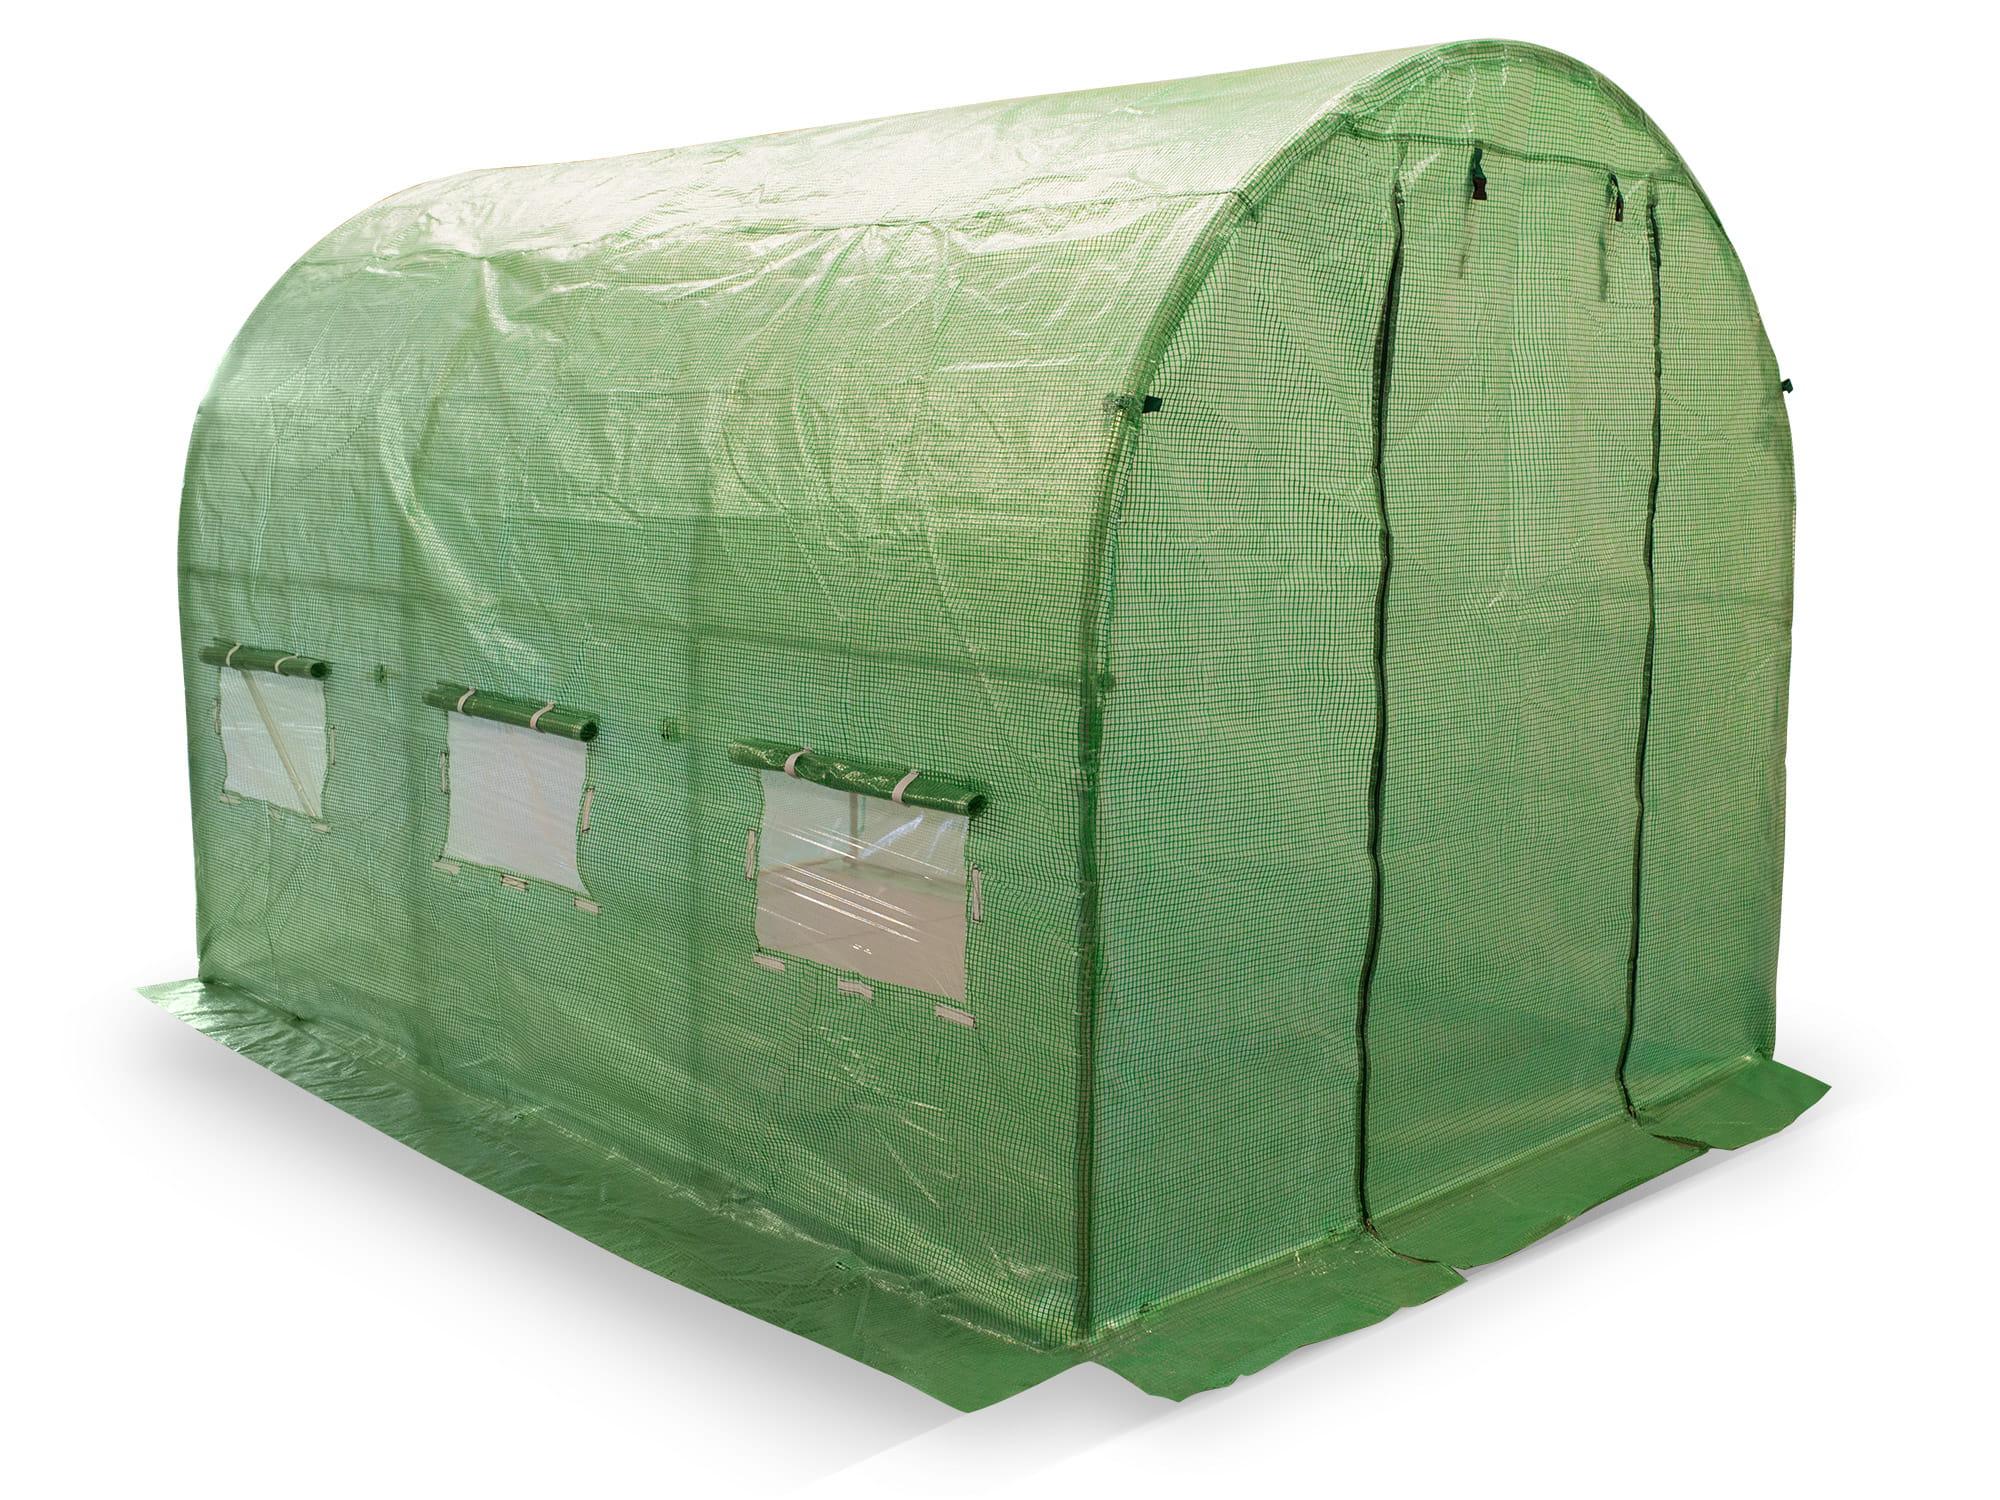 Tunel ogrodniczy 2x3 m wzmacniany zieloną siatką PP